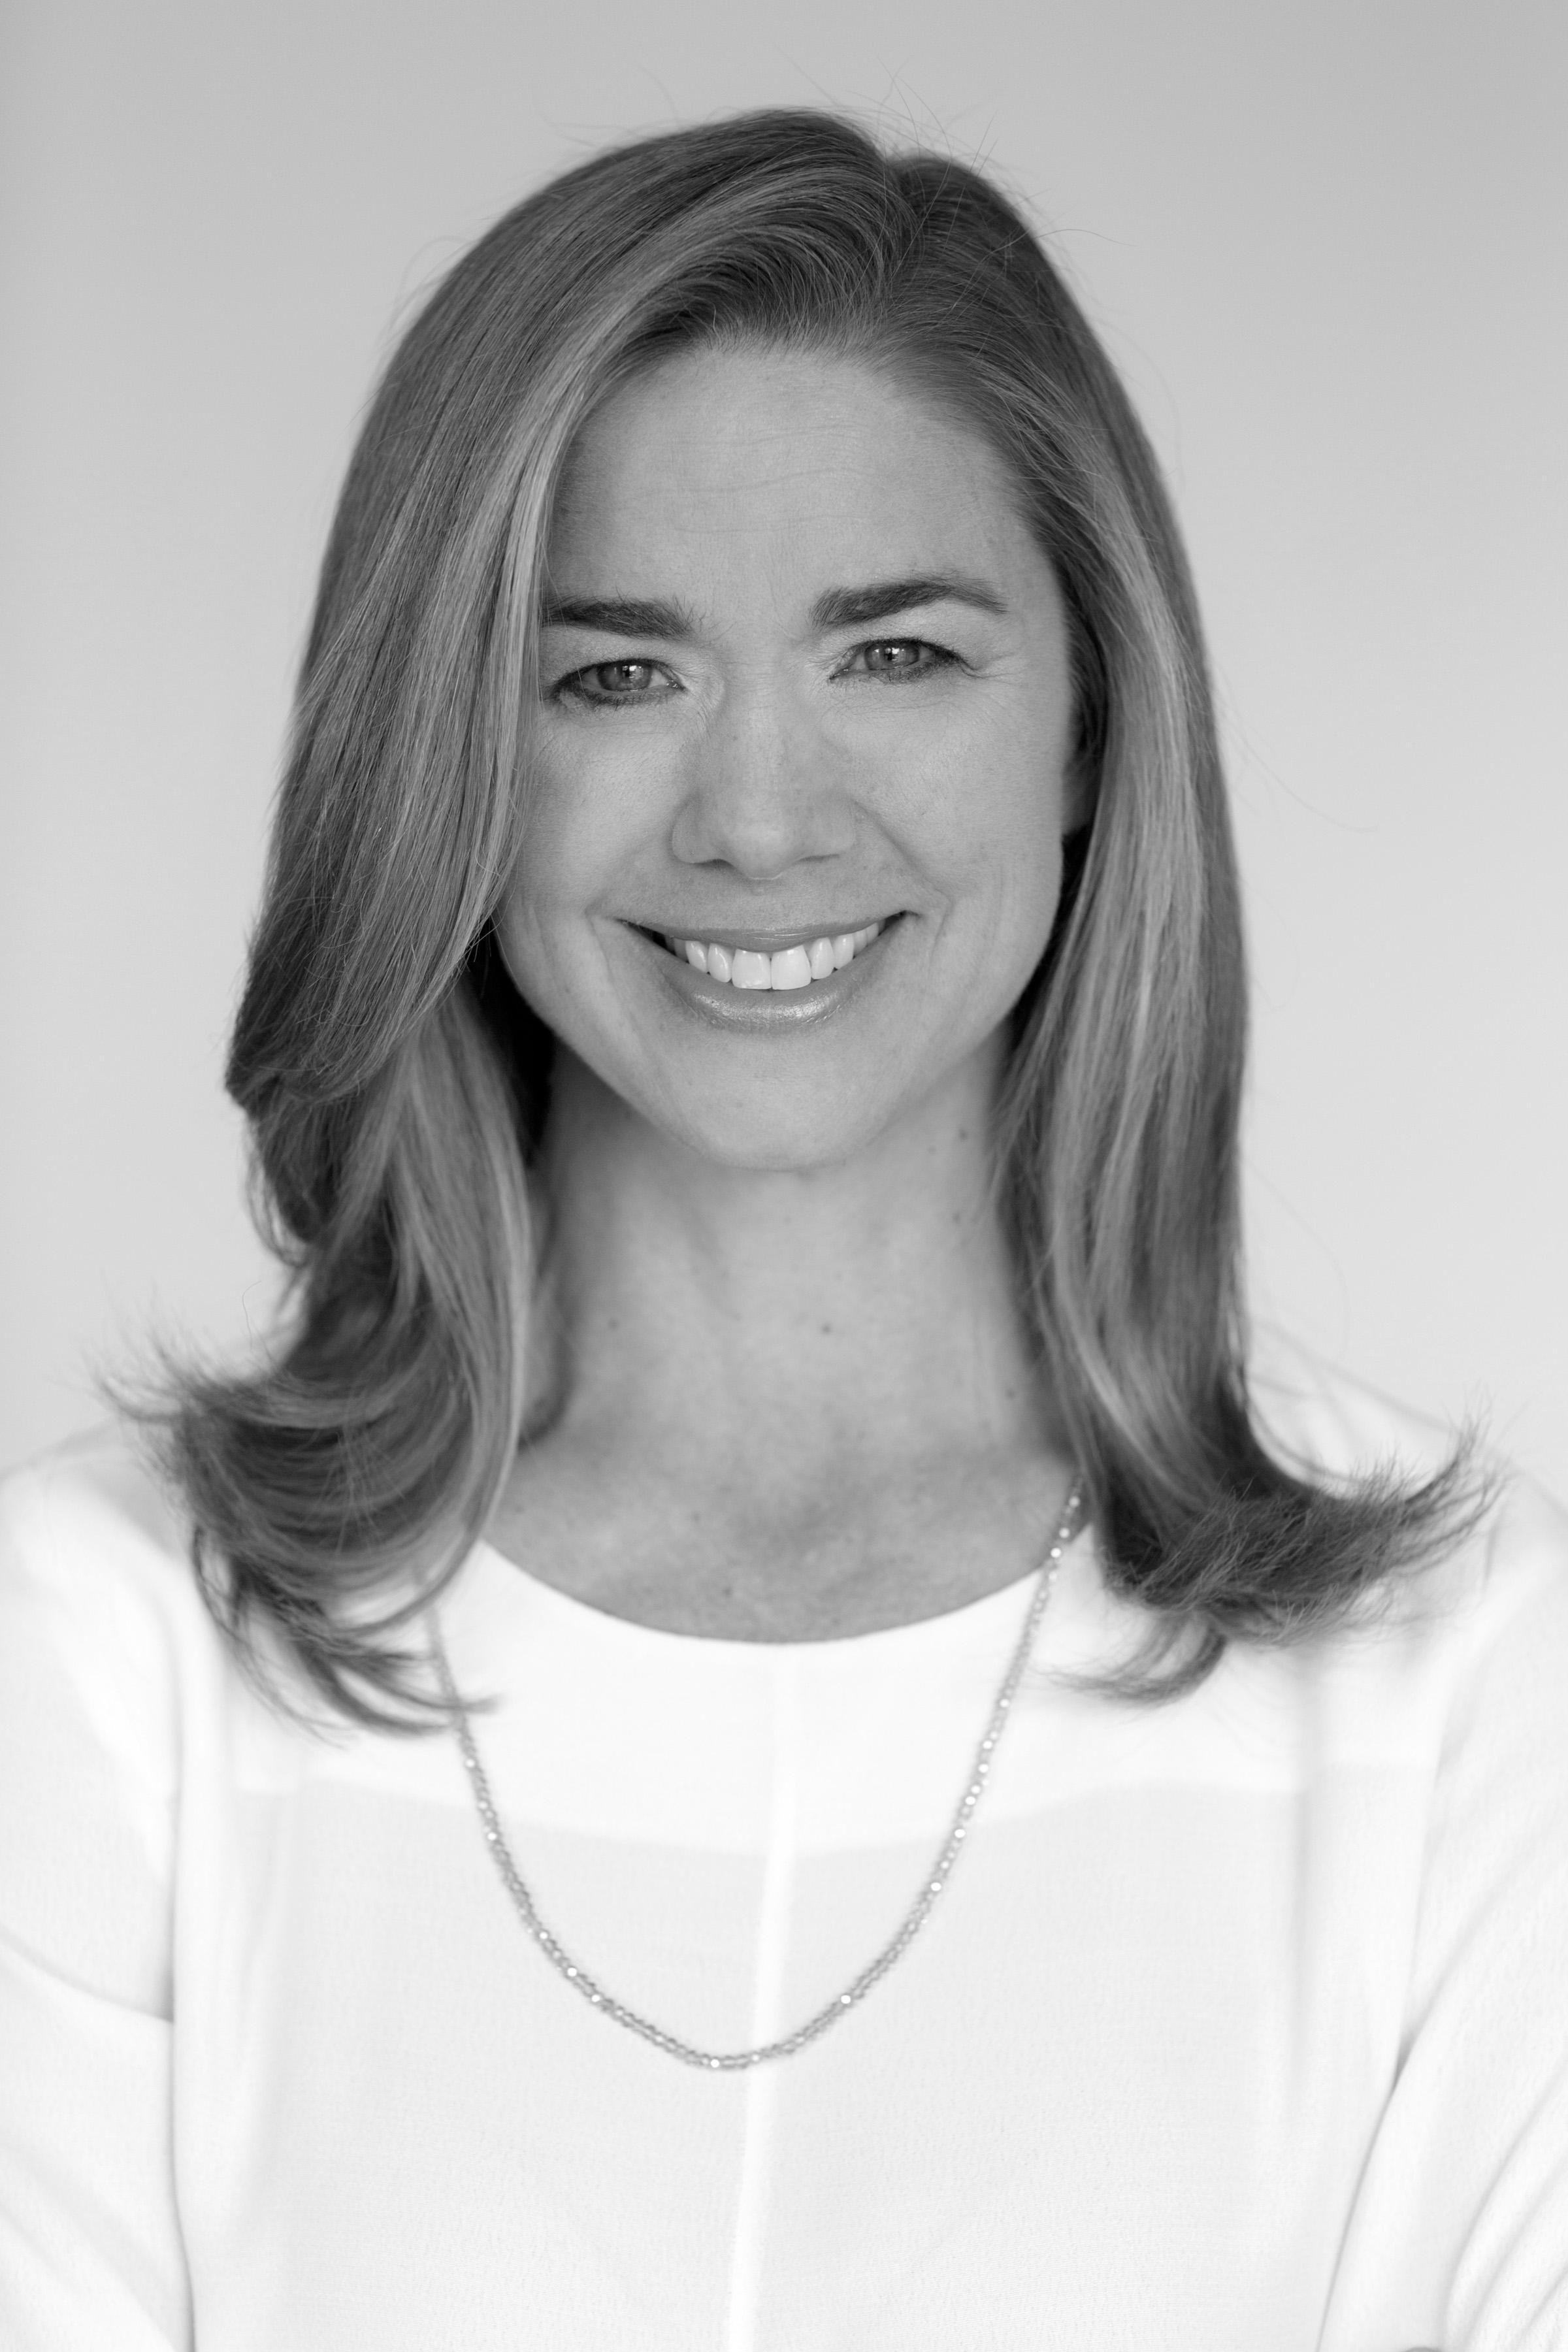 Katie Swenson